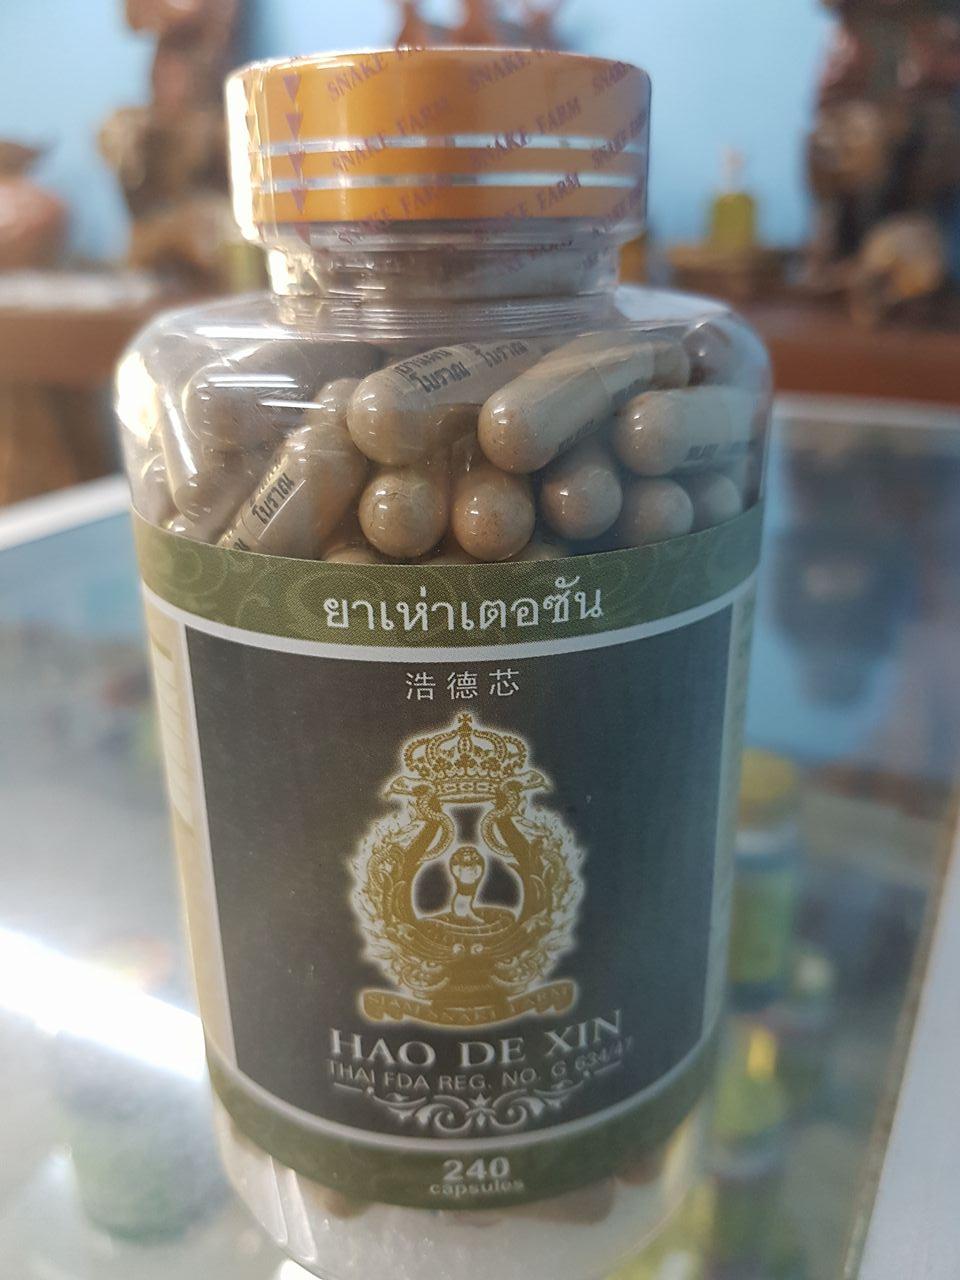 Препарат для лечения заболеваний сердечно-сосудистой системы Hao De Xin